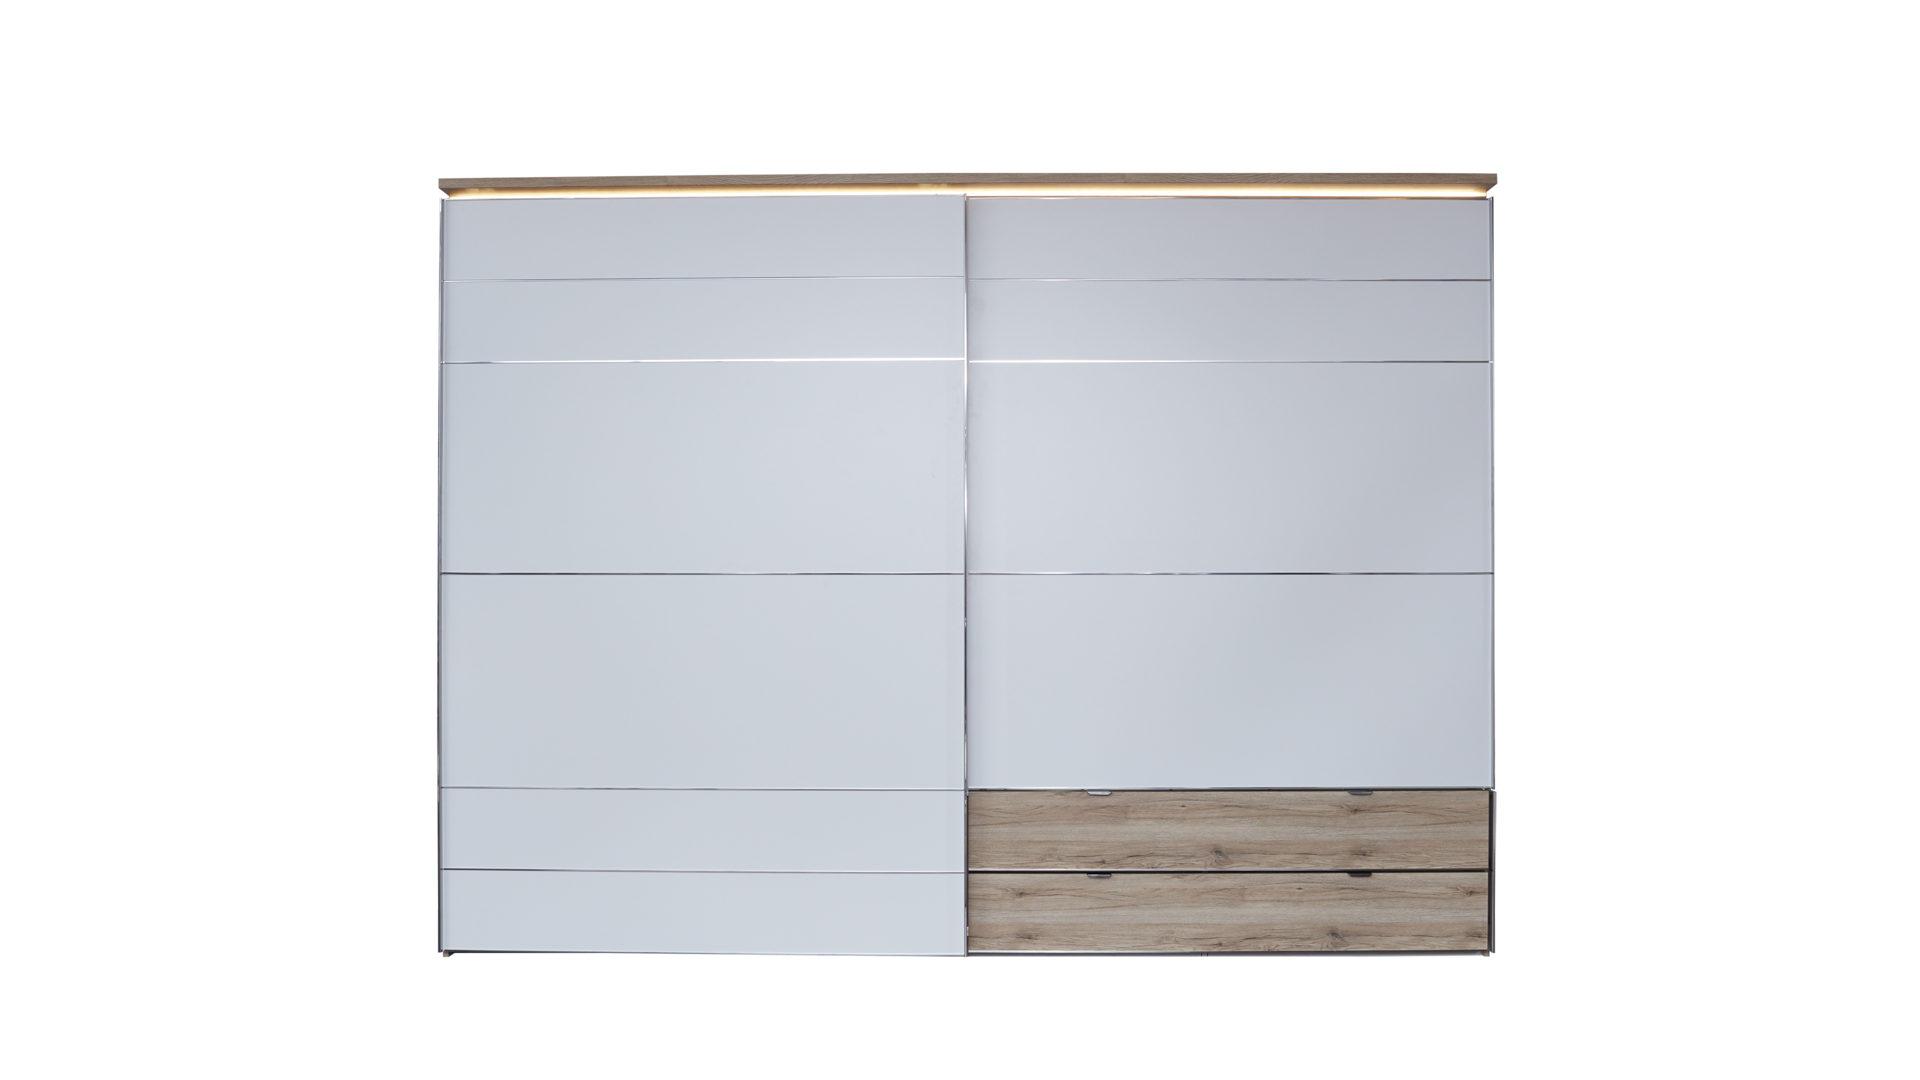 Interliving Kleiderschrank Serie 1201 Schwebetürenschrank Weiße